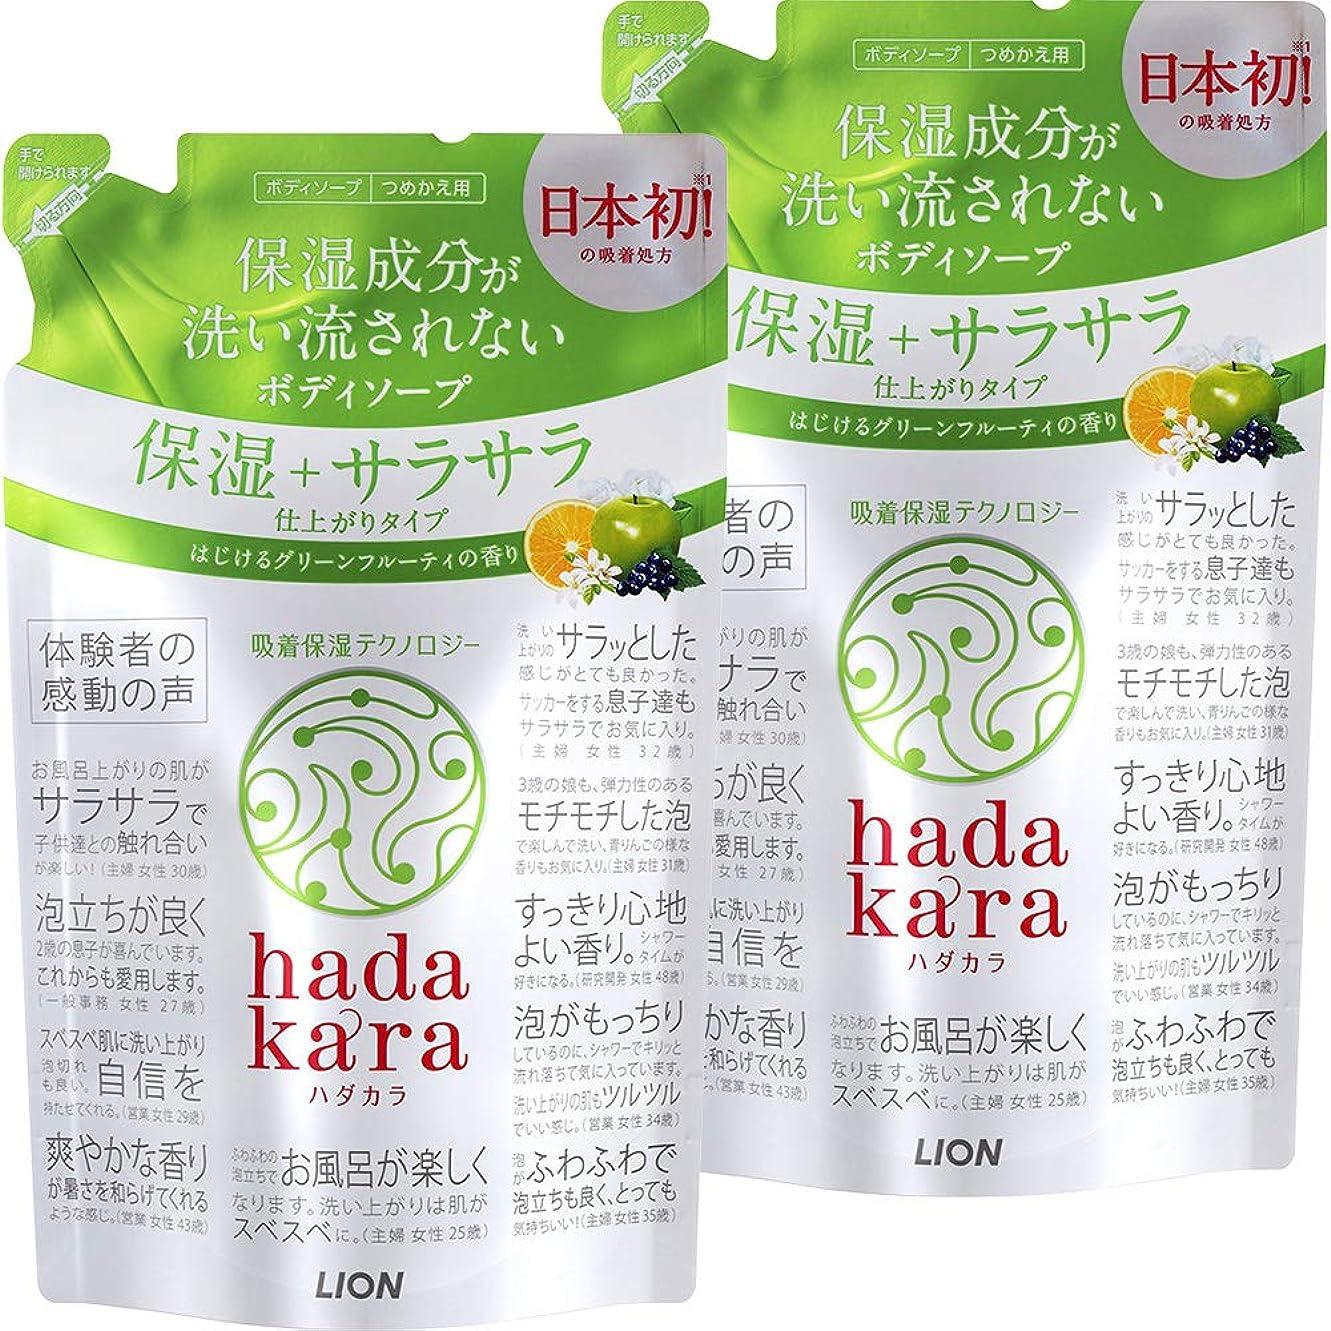 不完全な勝利ヒステリック【まとめ買い】hadakara(ハダカラ) ボディソープ 保湿+サラサラ仕上がりタイプ グリーンフルーティの香り 詰め替え 340ml×2個パック